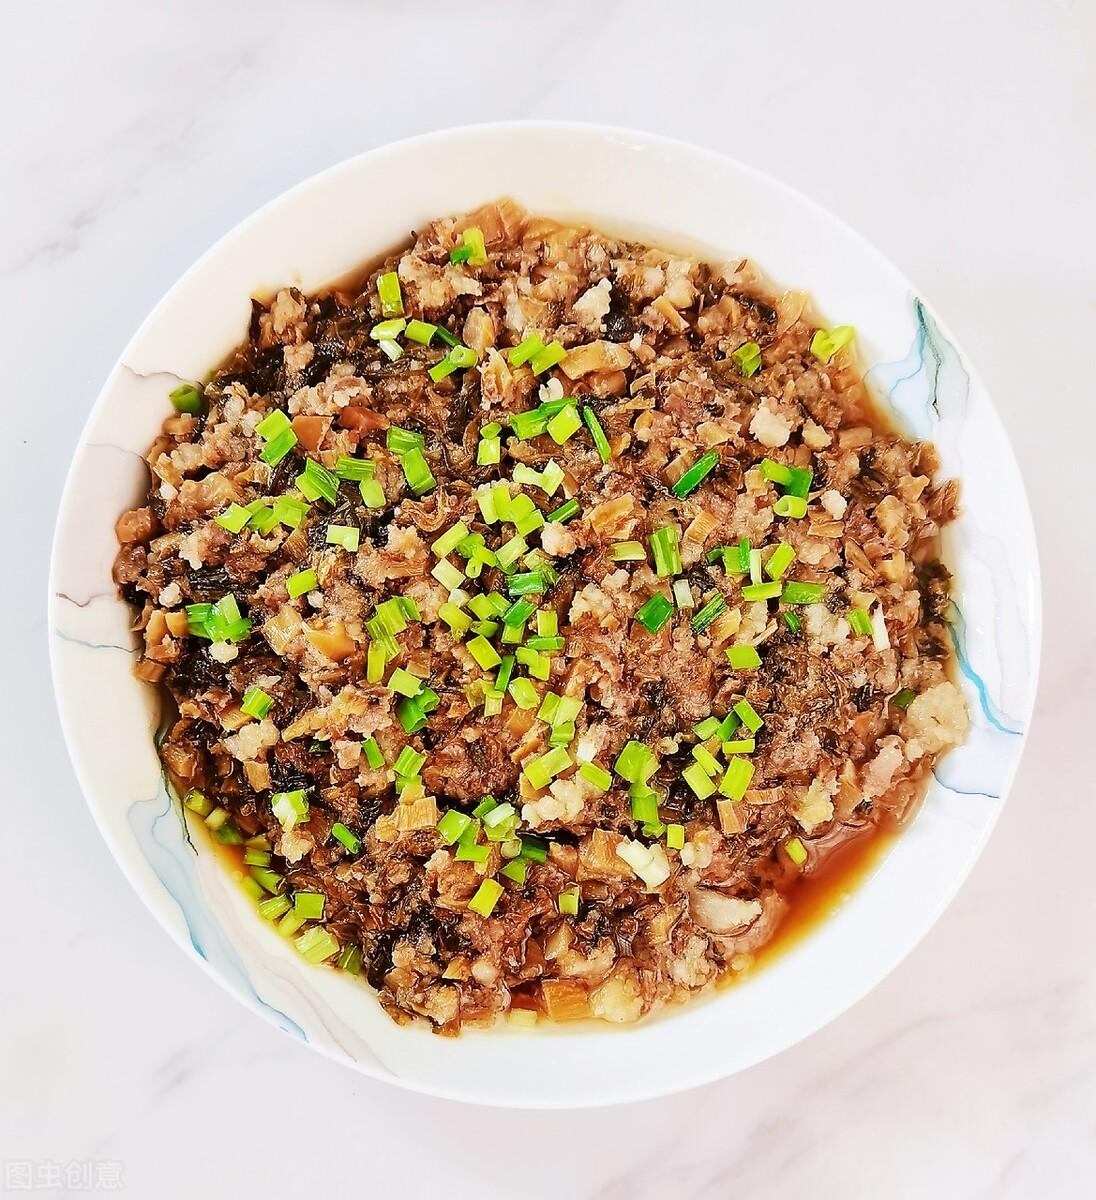 广东人爱吃的肉饼,这6款赶紧学起来,软嫩可口,老少咸宜 美食做法 第2张